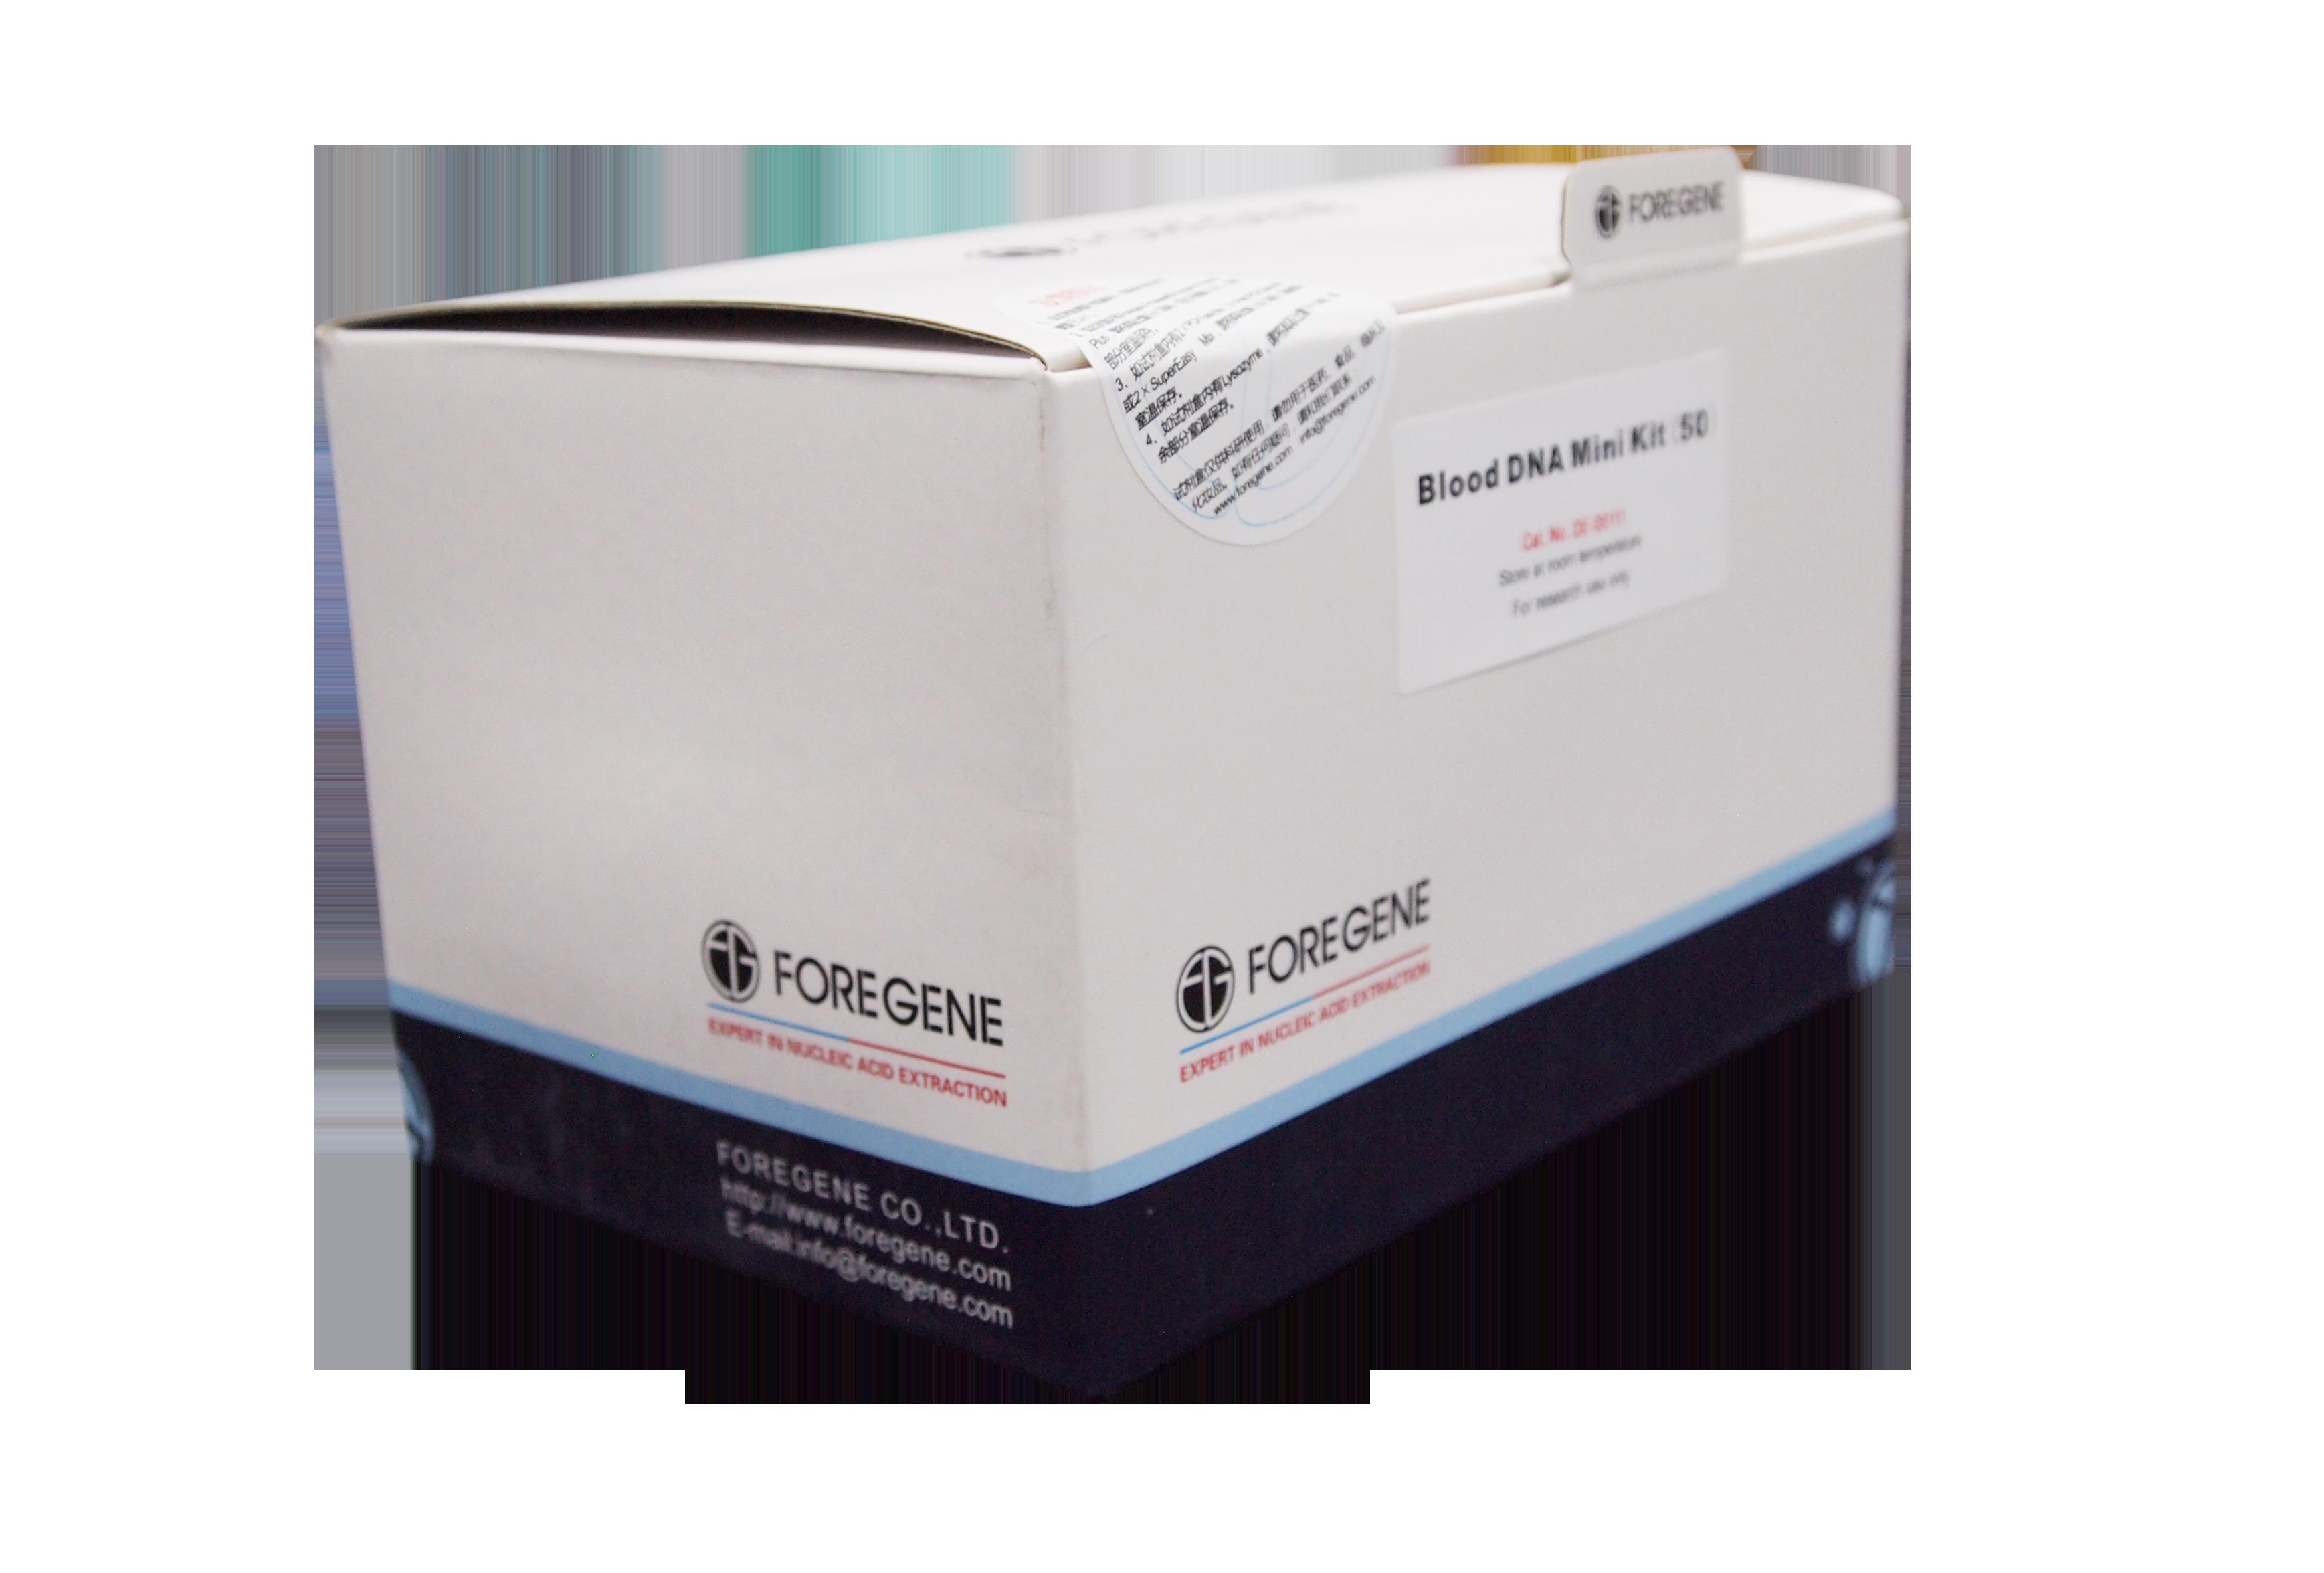 血液基因组DNA小量提取试剂盒(<1ml)Blood DNA Mini Kit